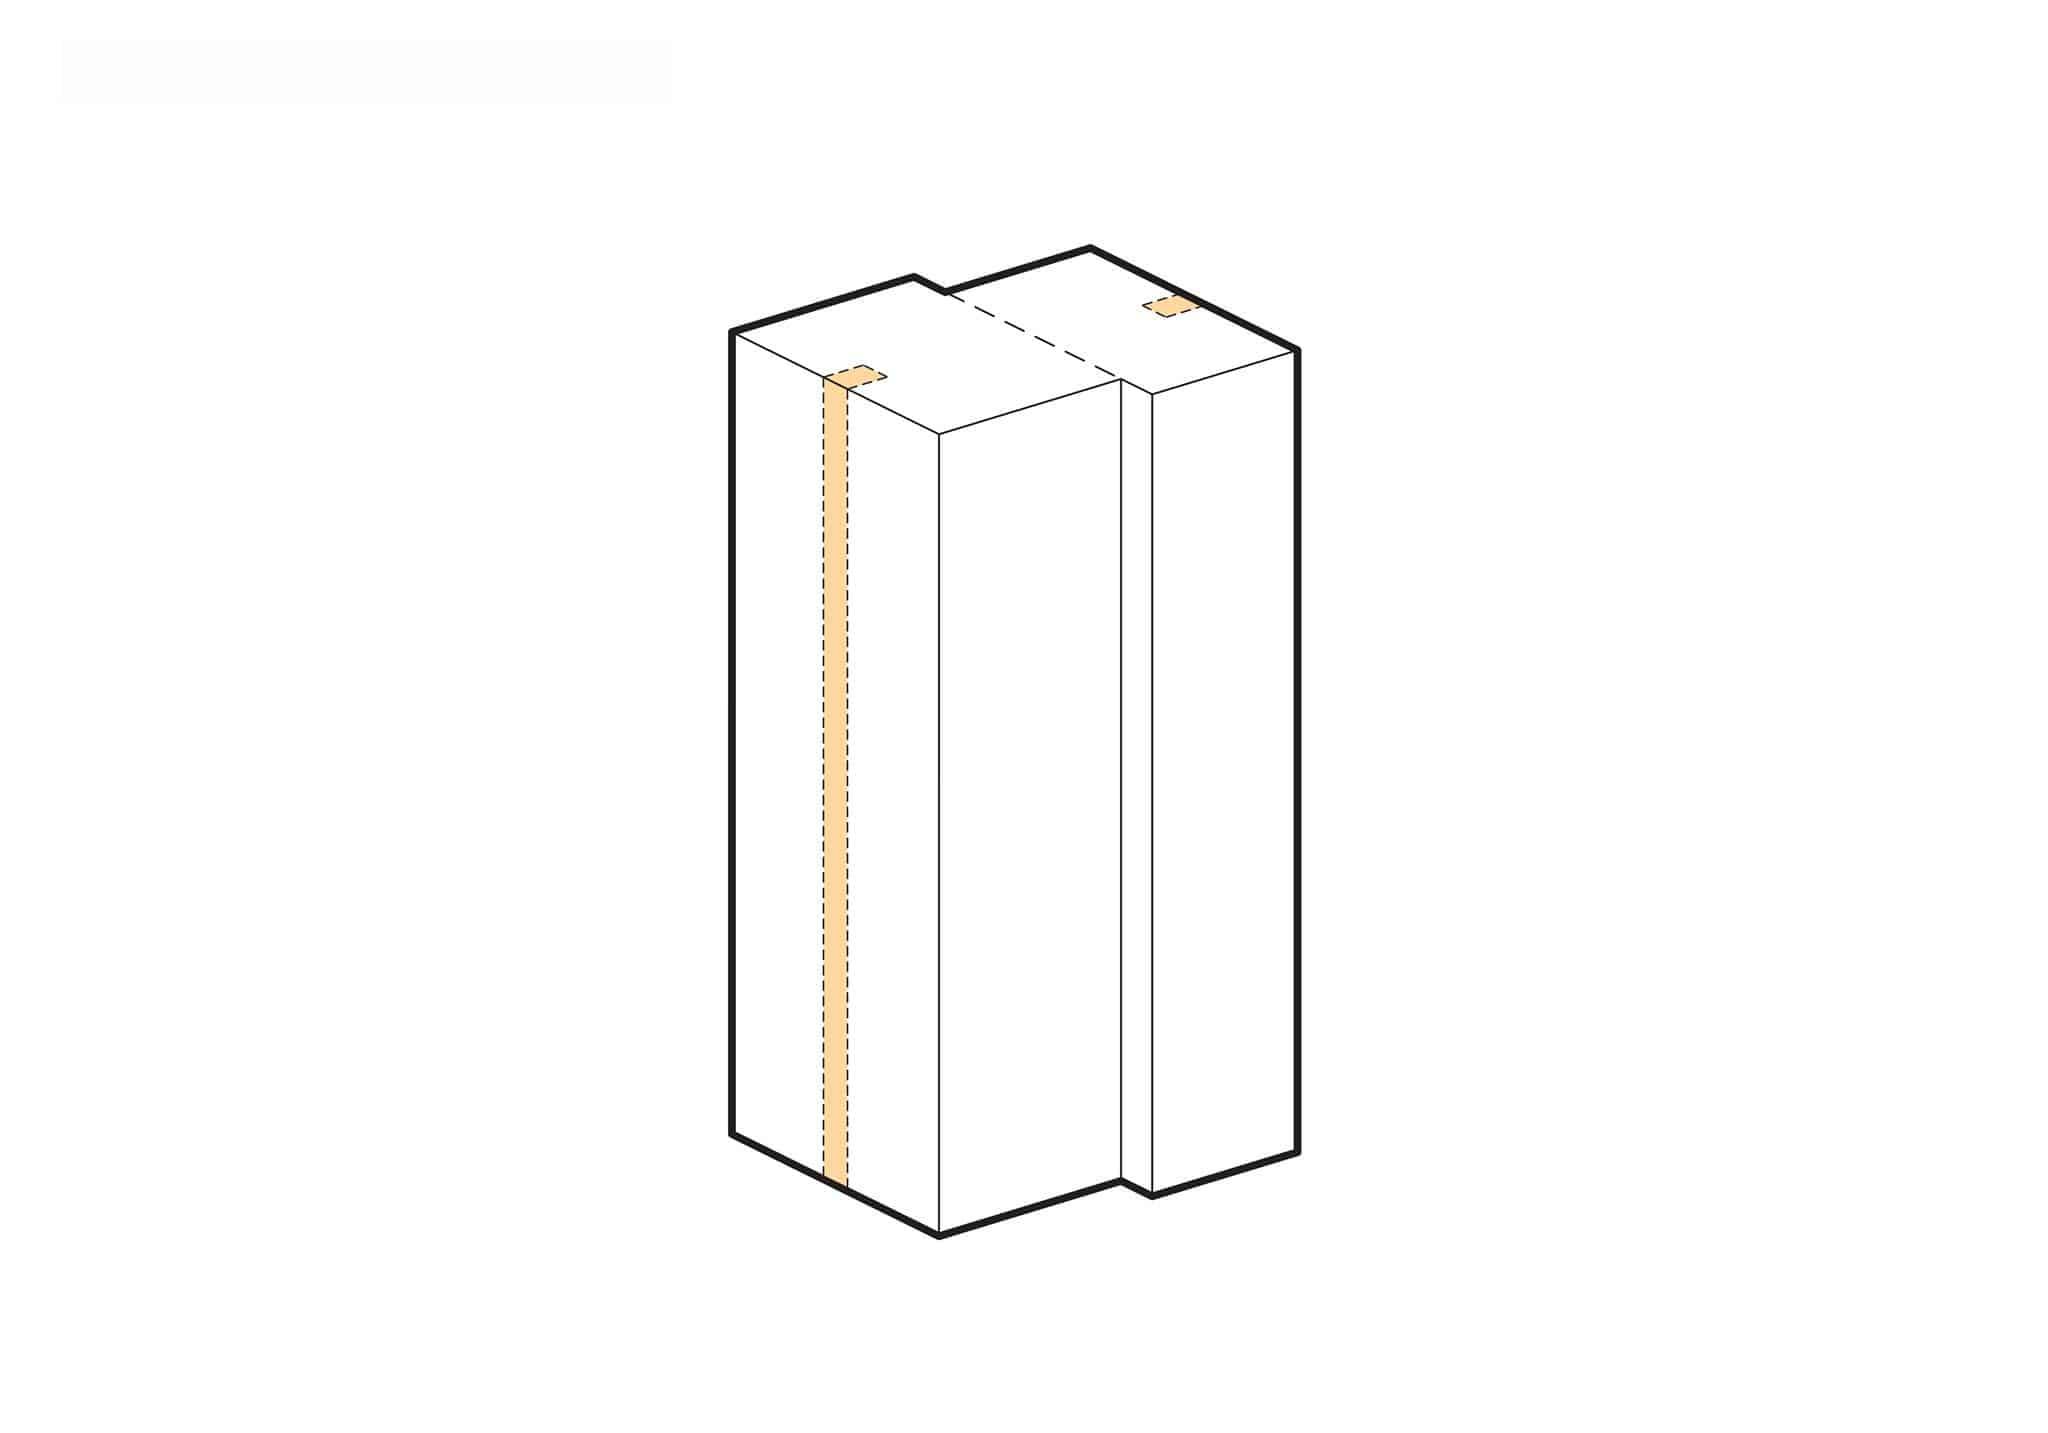 בונים מגדלי מגורים עם סקצ'אפ וזוכים בתחרויות! 6